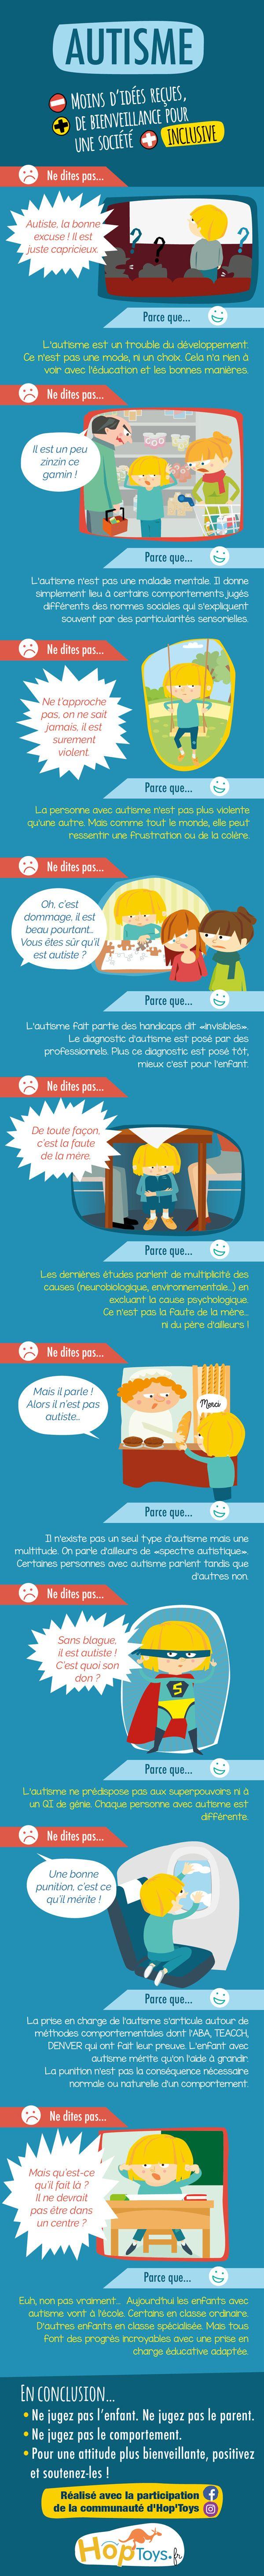 Une #infographie sur l' #autisme Oublions les idées reçues !